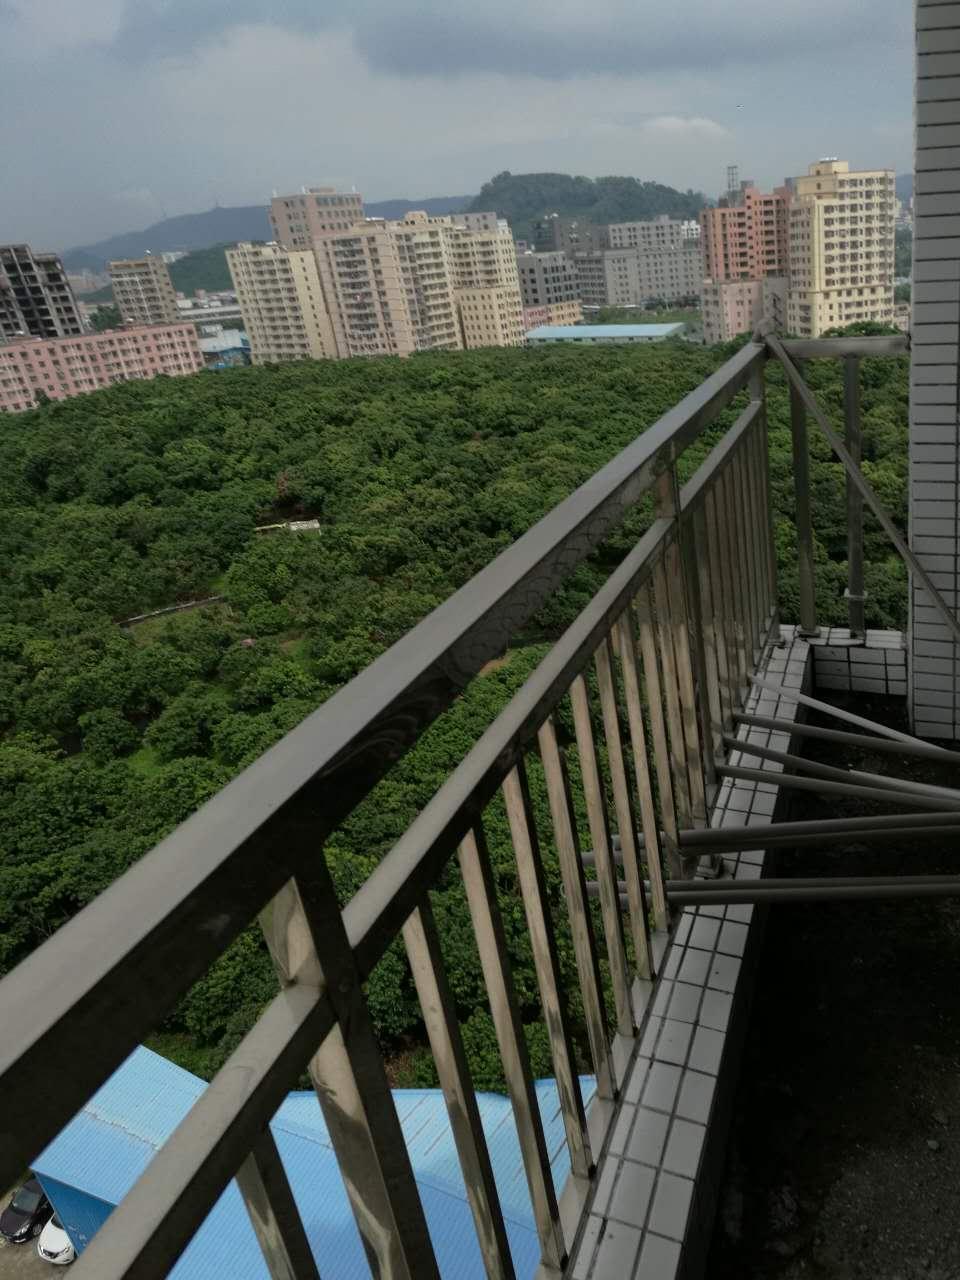 深圳公明楼村小产权房新开盘对外发售,3600元/㎡起 房价 新闻 跳蚤市场 二房二厅 第5张